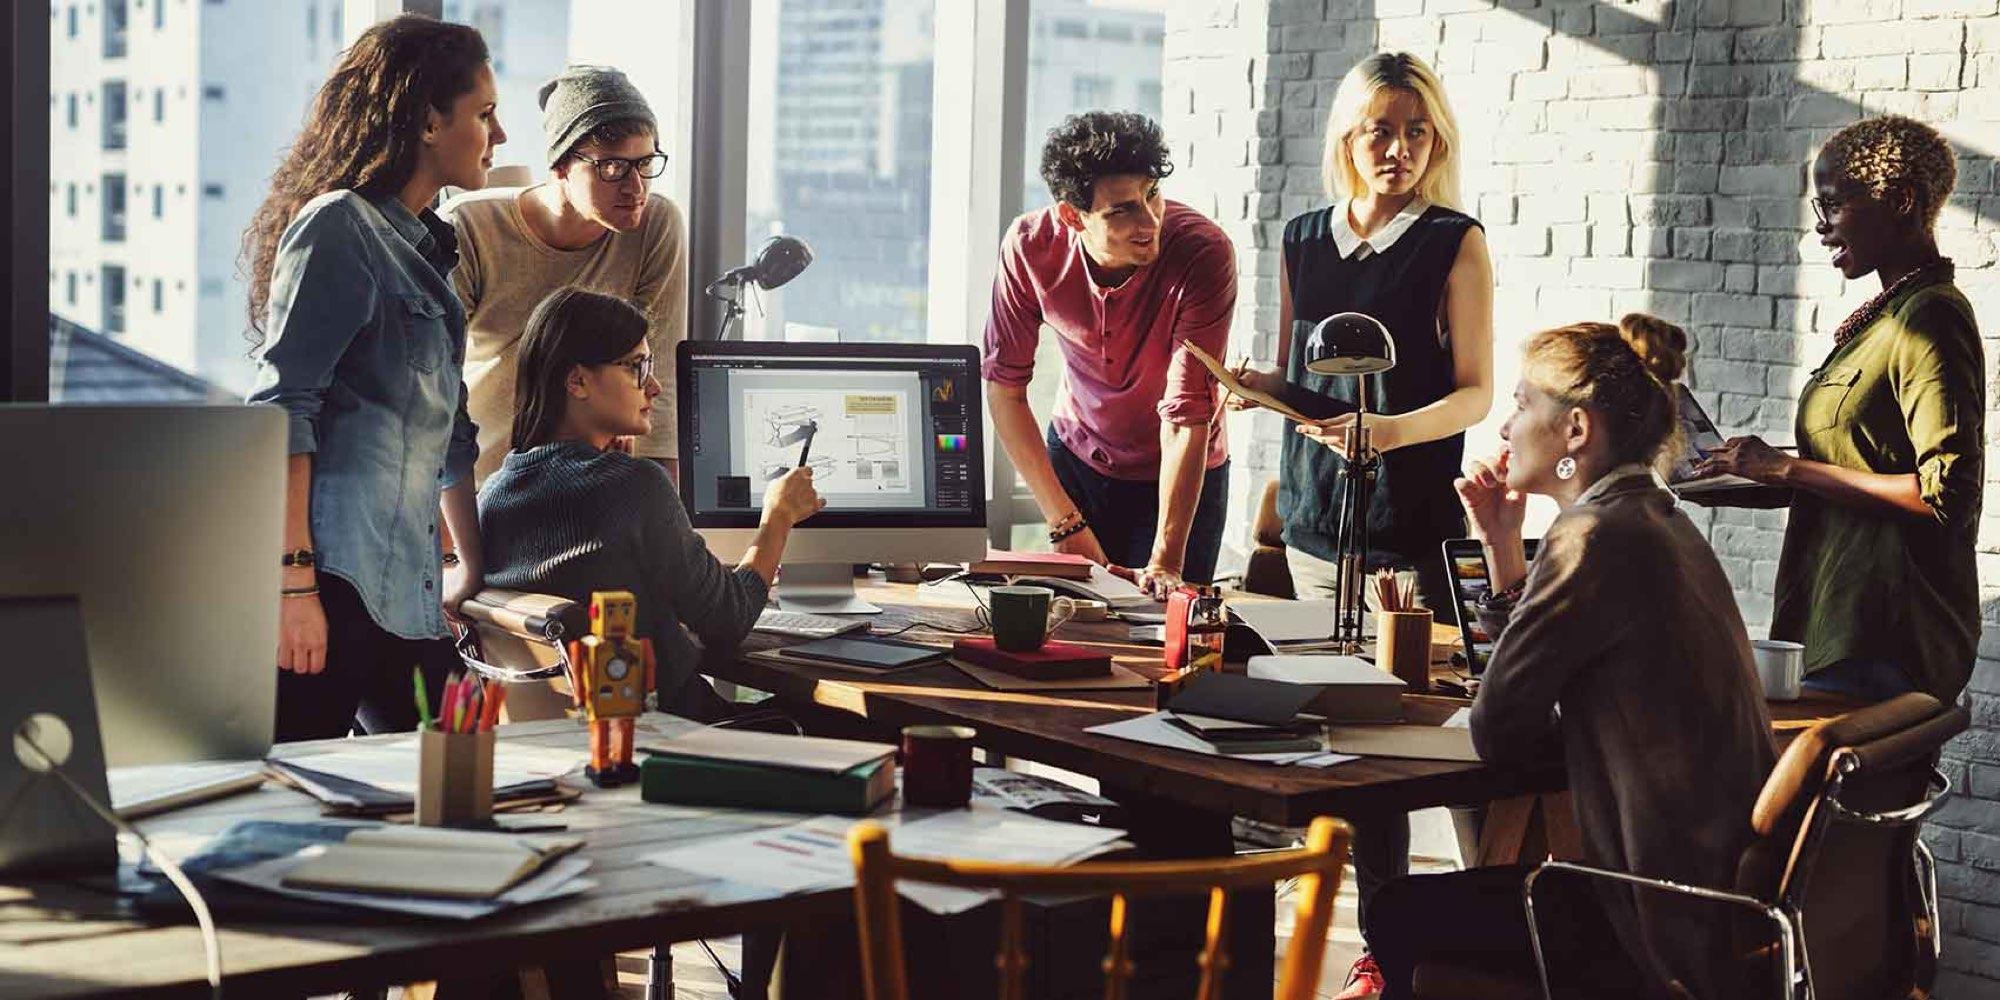 Cyan Bildkonzept – Gruppe von Menschen bei der Arbeit (mit digitalen Geräten)